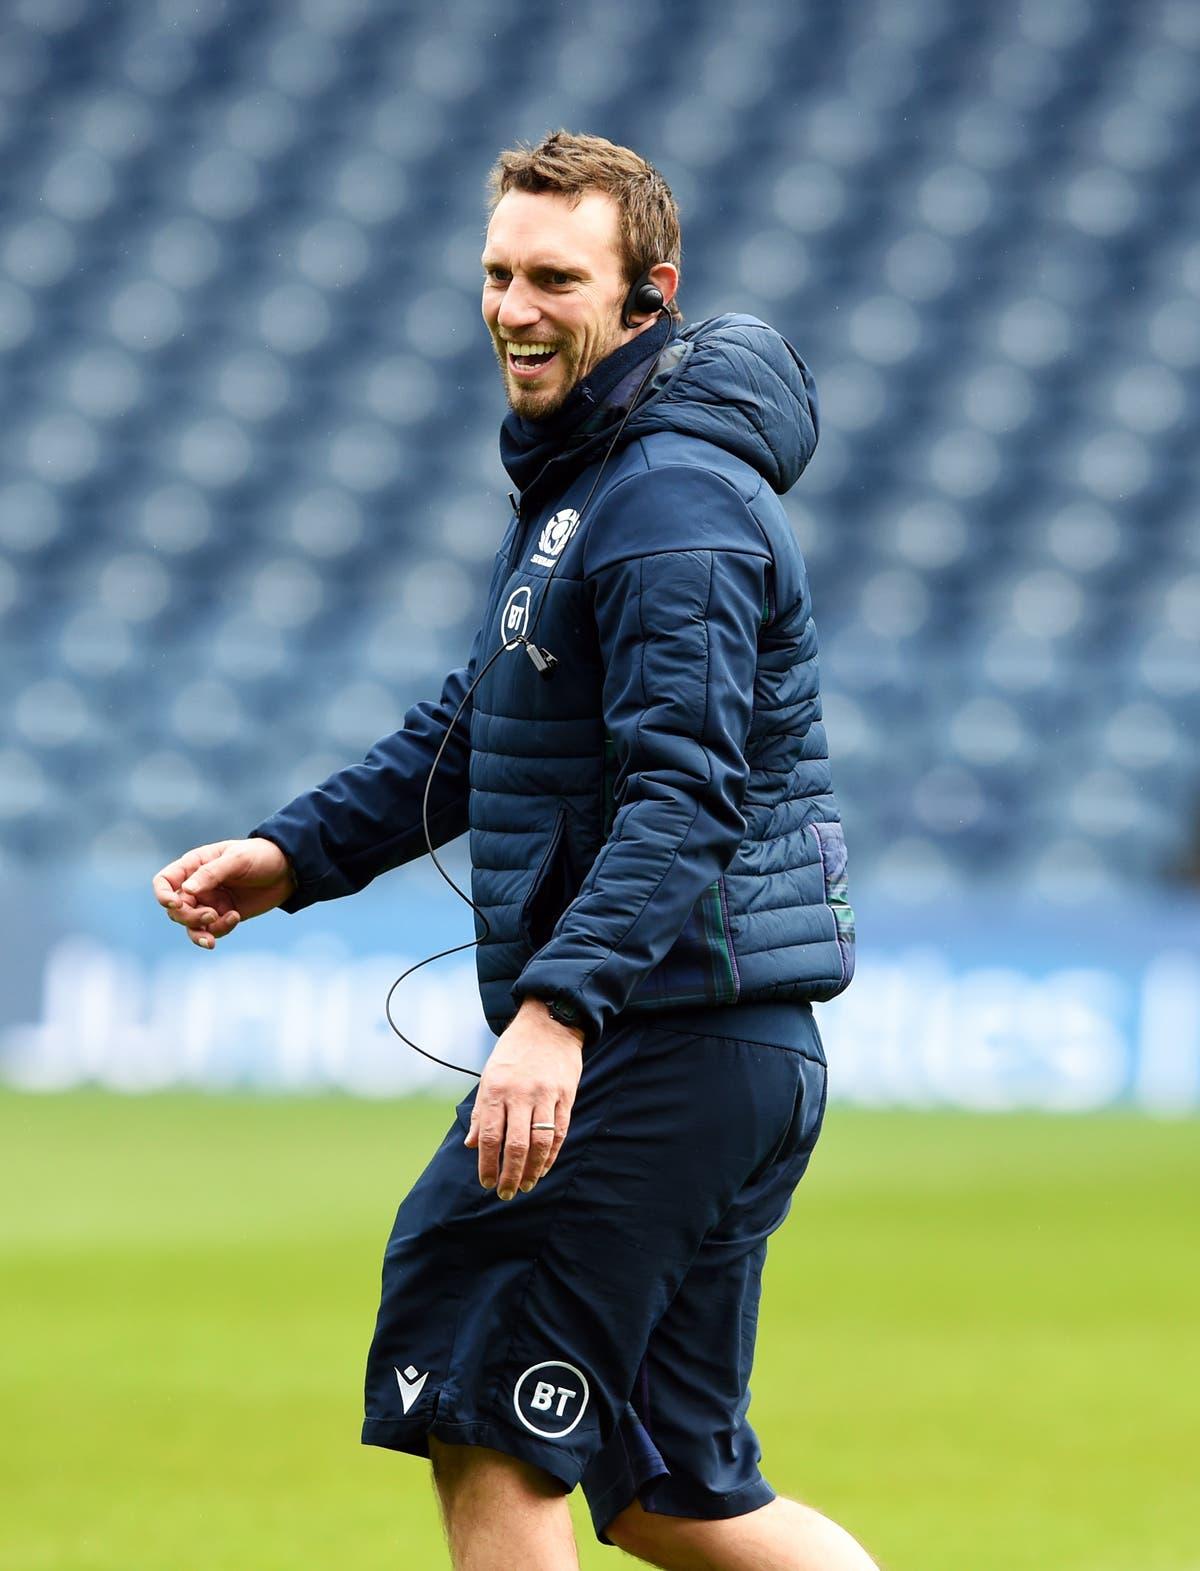 Edinburgh appoint Mike Blair as head coach